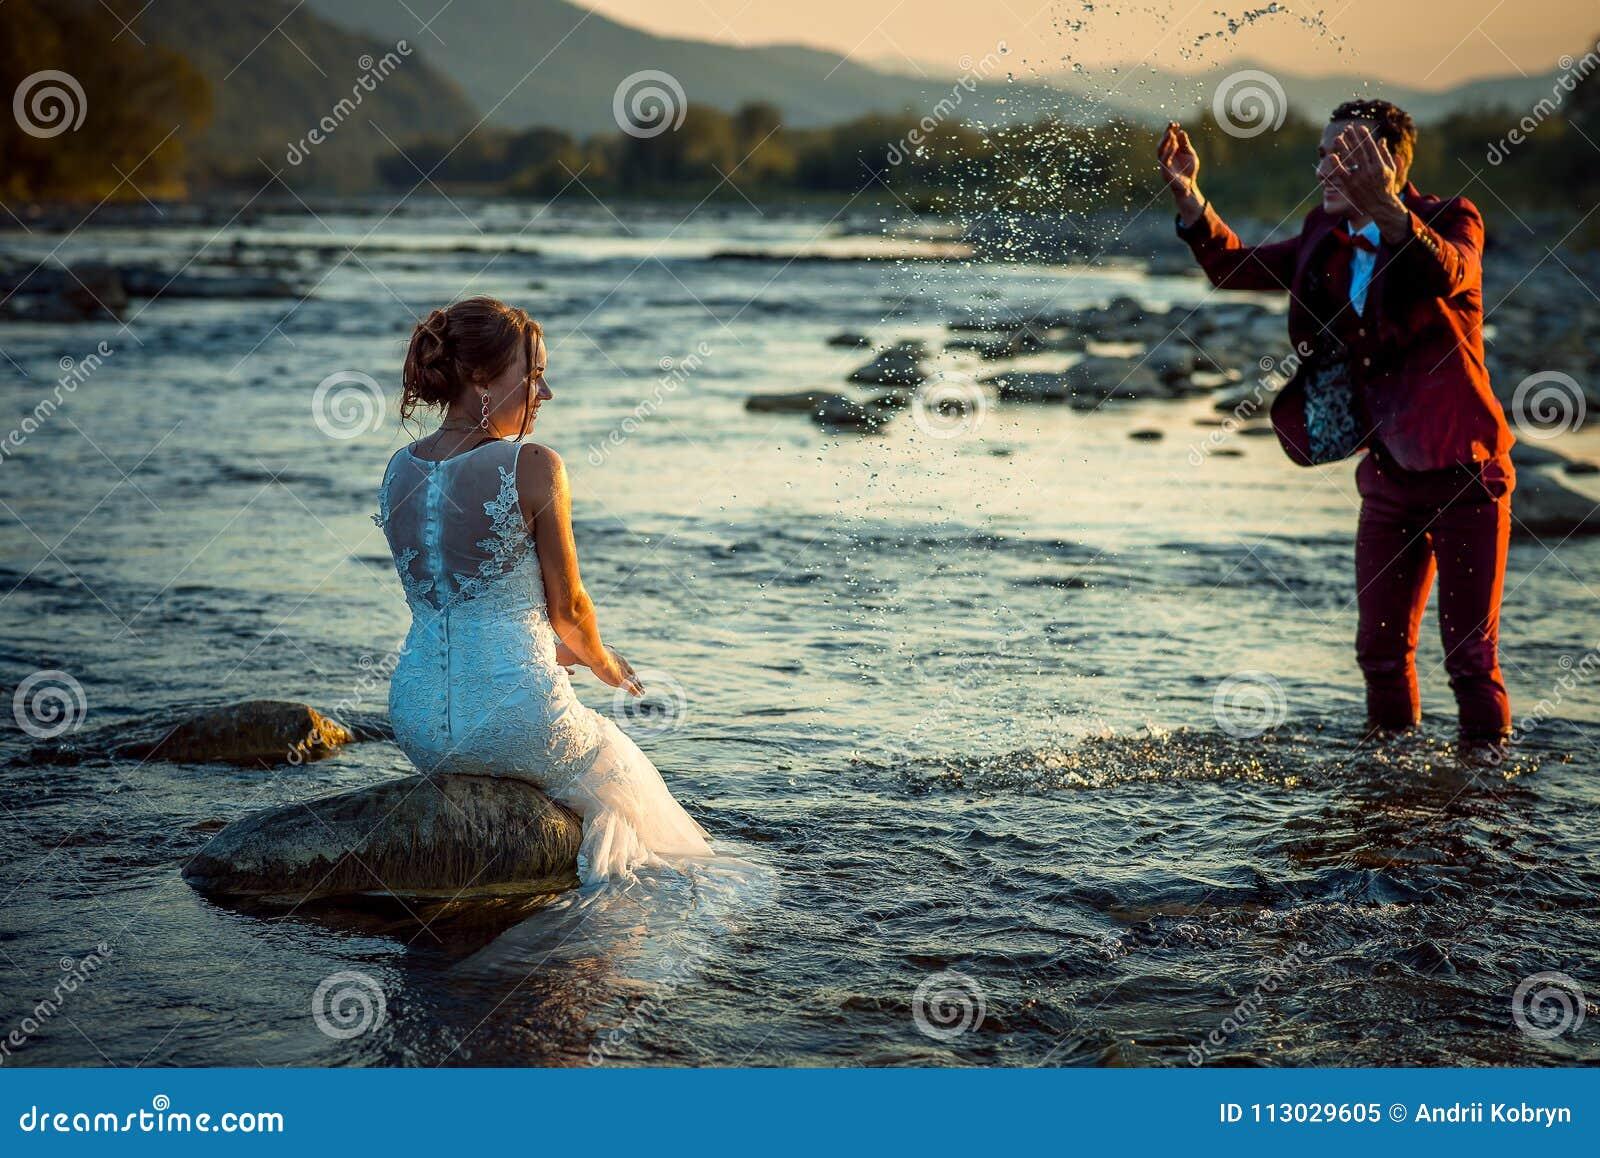 La novia se está sentando en la piedra del río mientras que su novio hermoso está salpicando el agua en ella durante la puesta de